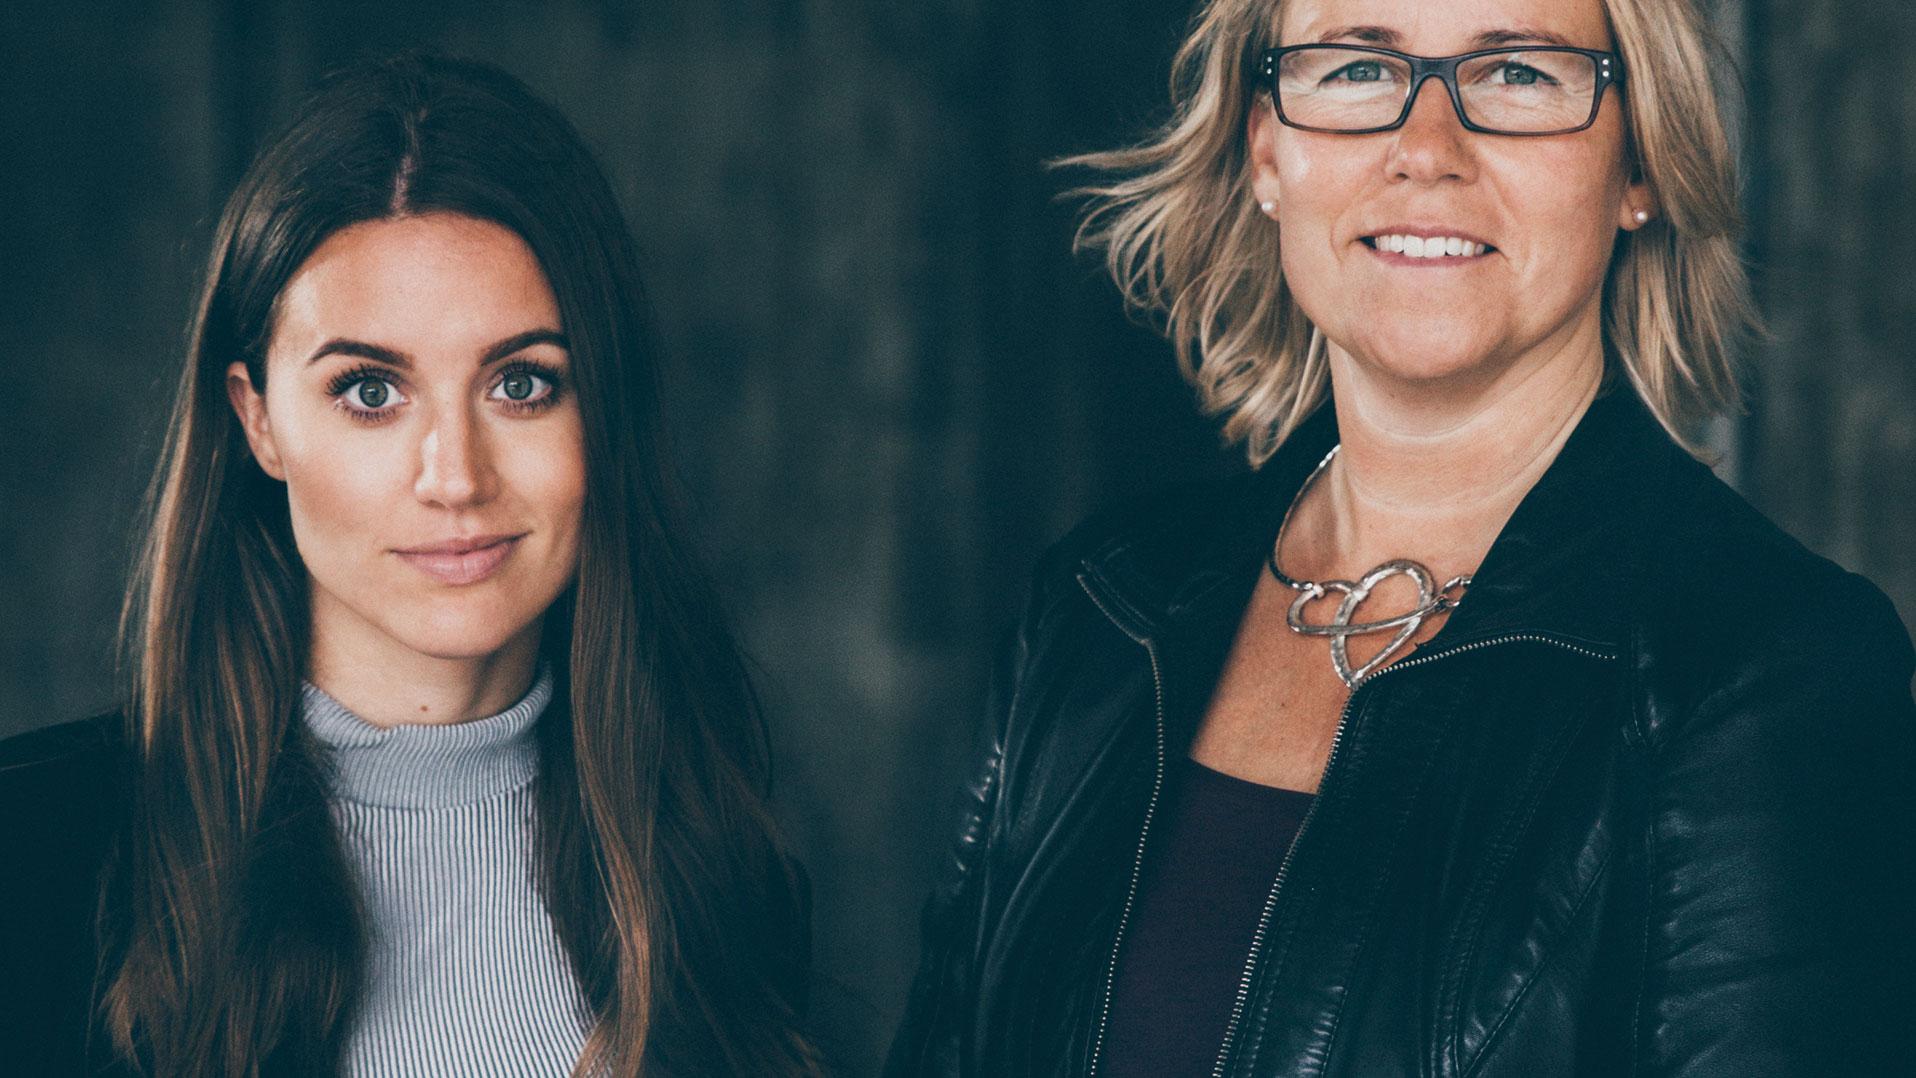 långt hår sexarbetare klädespersedlar i Malmö